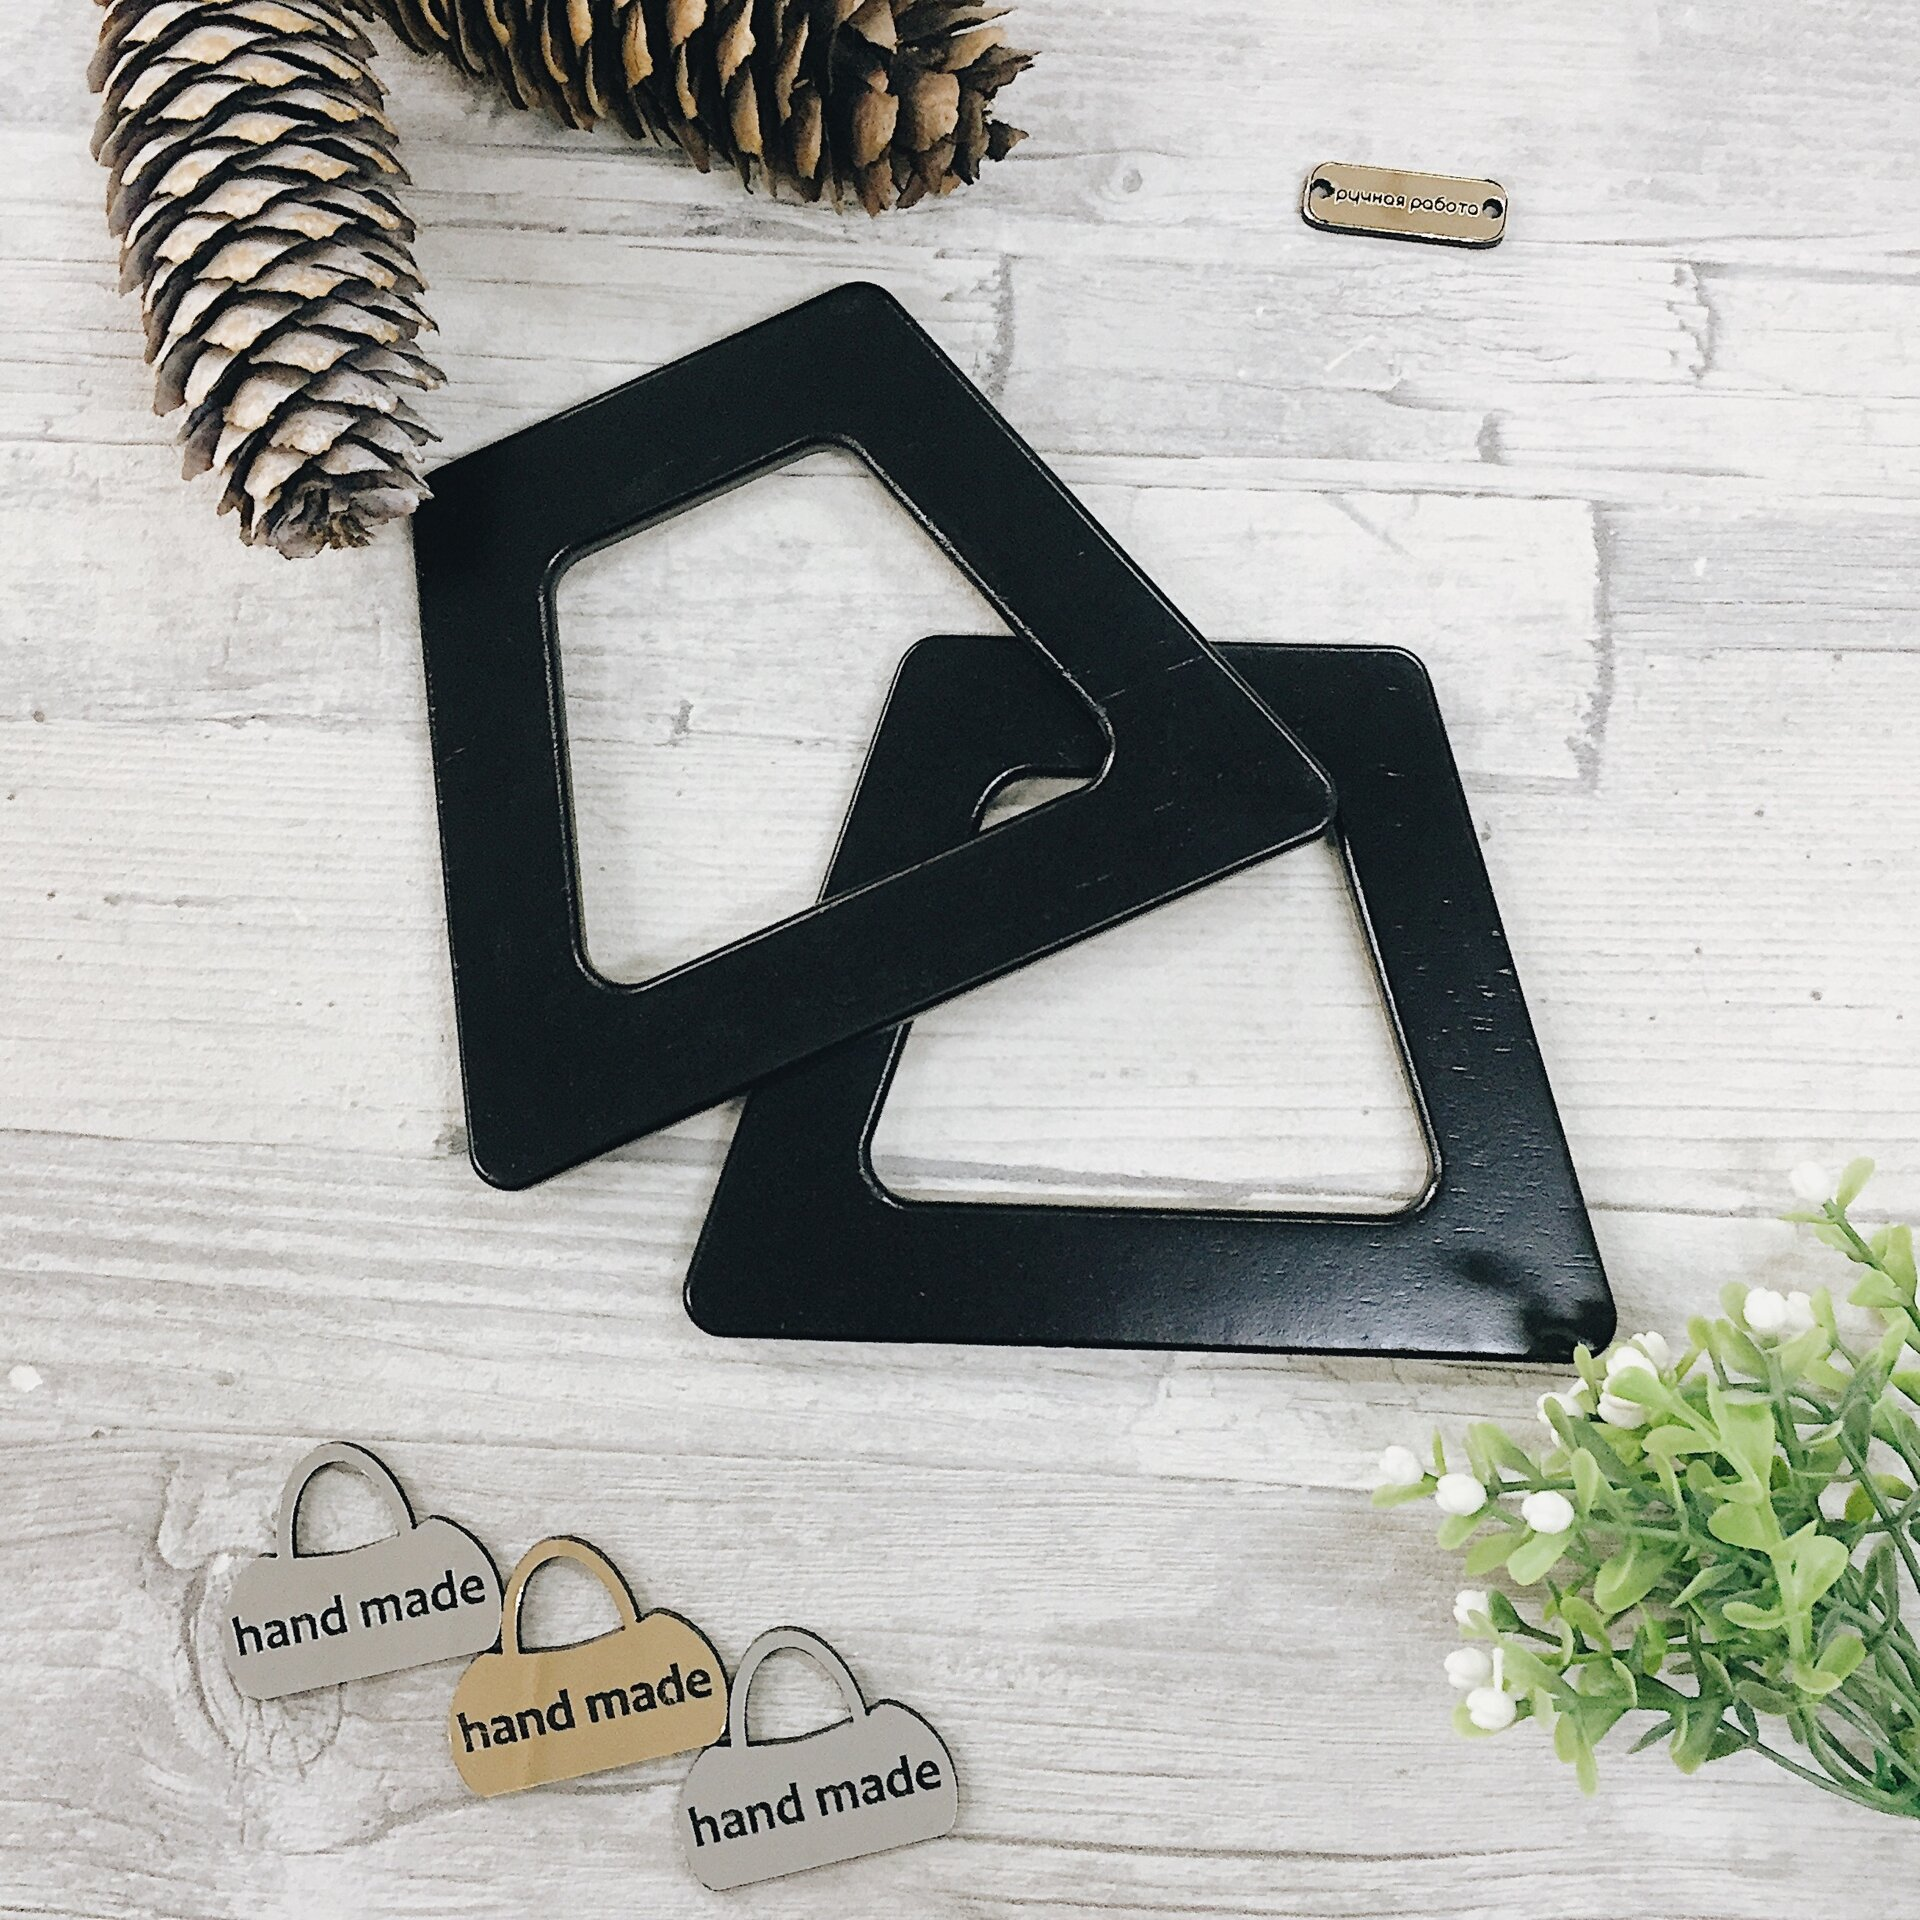 Деревянные ручки для вязаных сумок, трапеция, черный - фото pic_327606559001cc221684b6a33c526c60_1920x9000_1.jpg